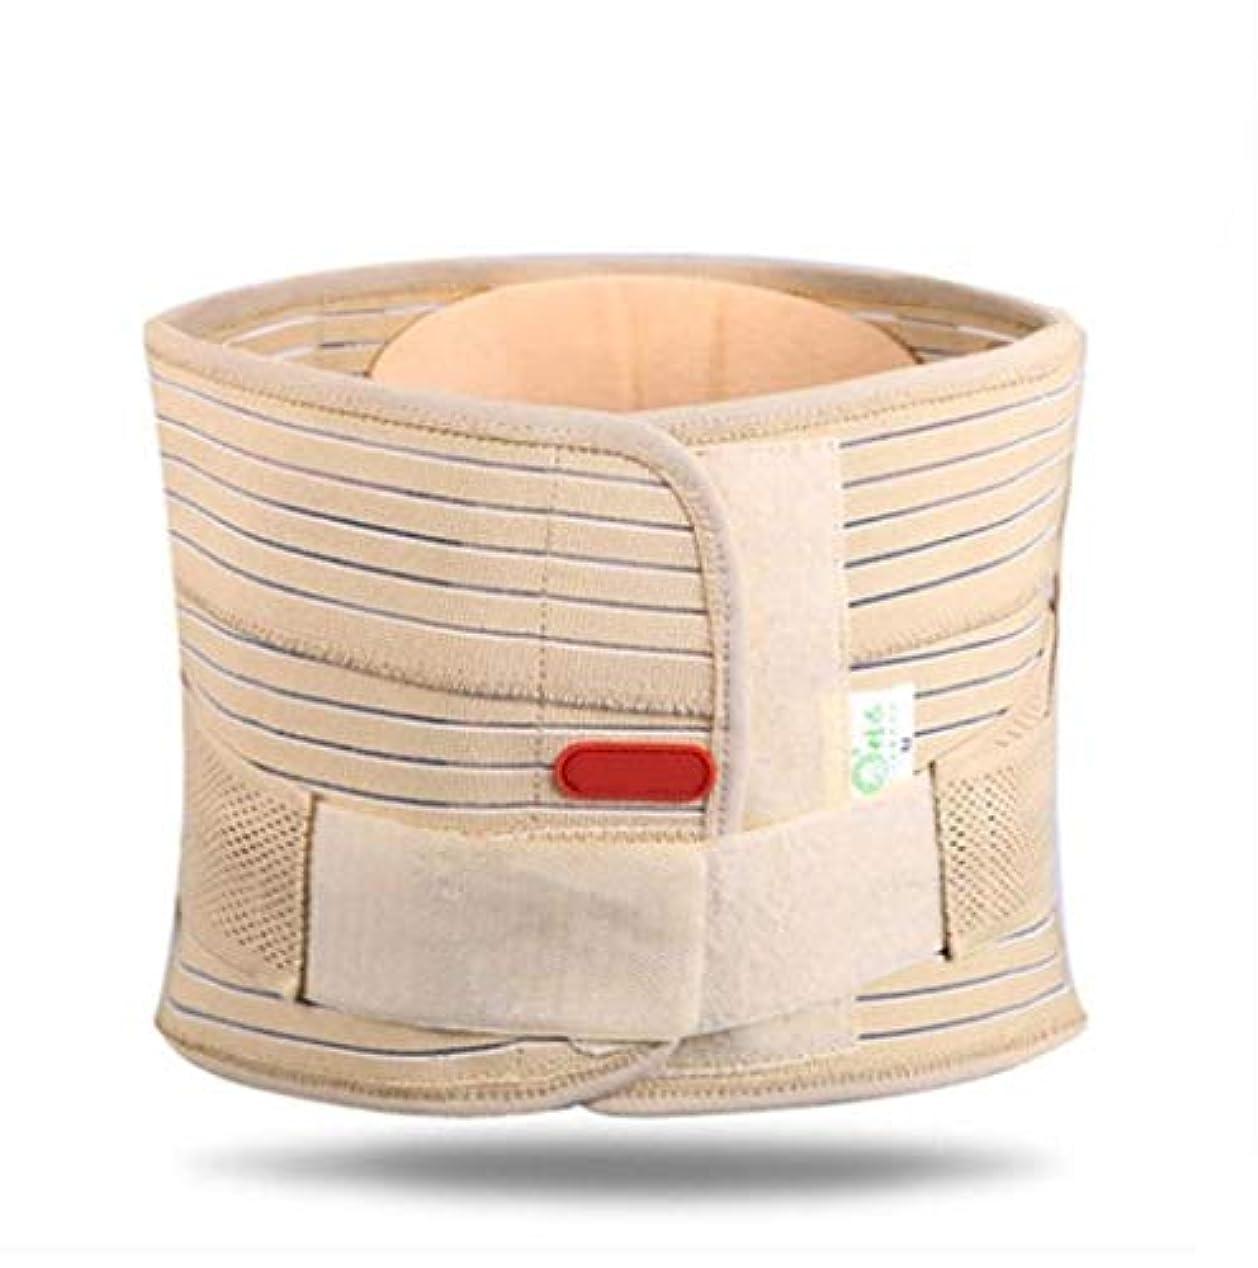 散らす歌詞倉庫ウエスト/腰暖かいベルト、ワーキング/スポーツ/フィットネスに適したポータブルバックサポートベルト、弾性シェーピング減量スポーツベルト、痛みや防ぐ傷害を和らげます